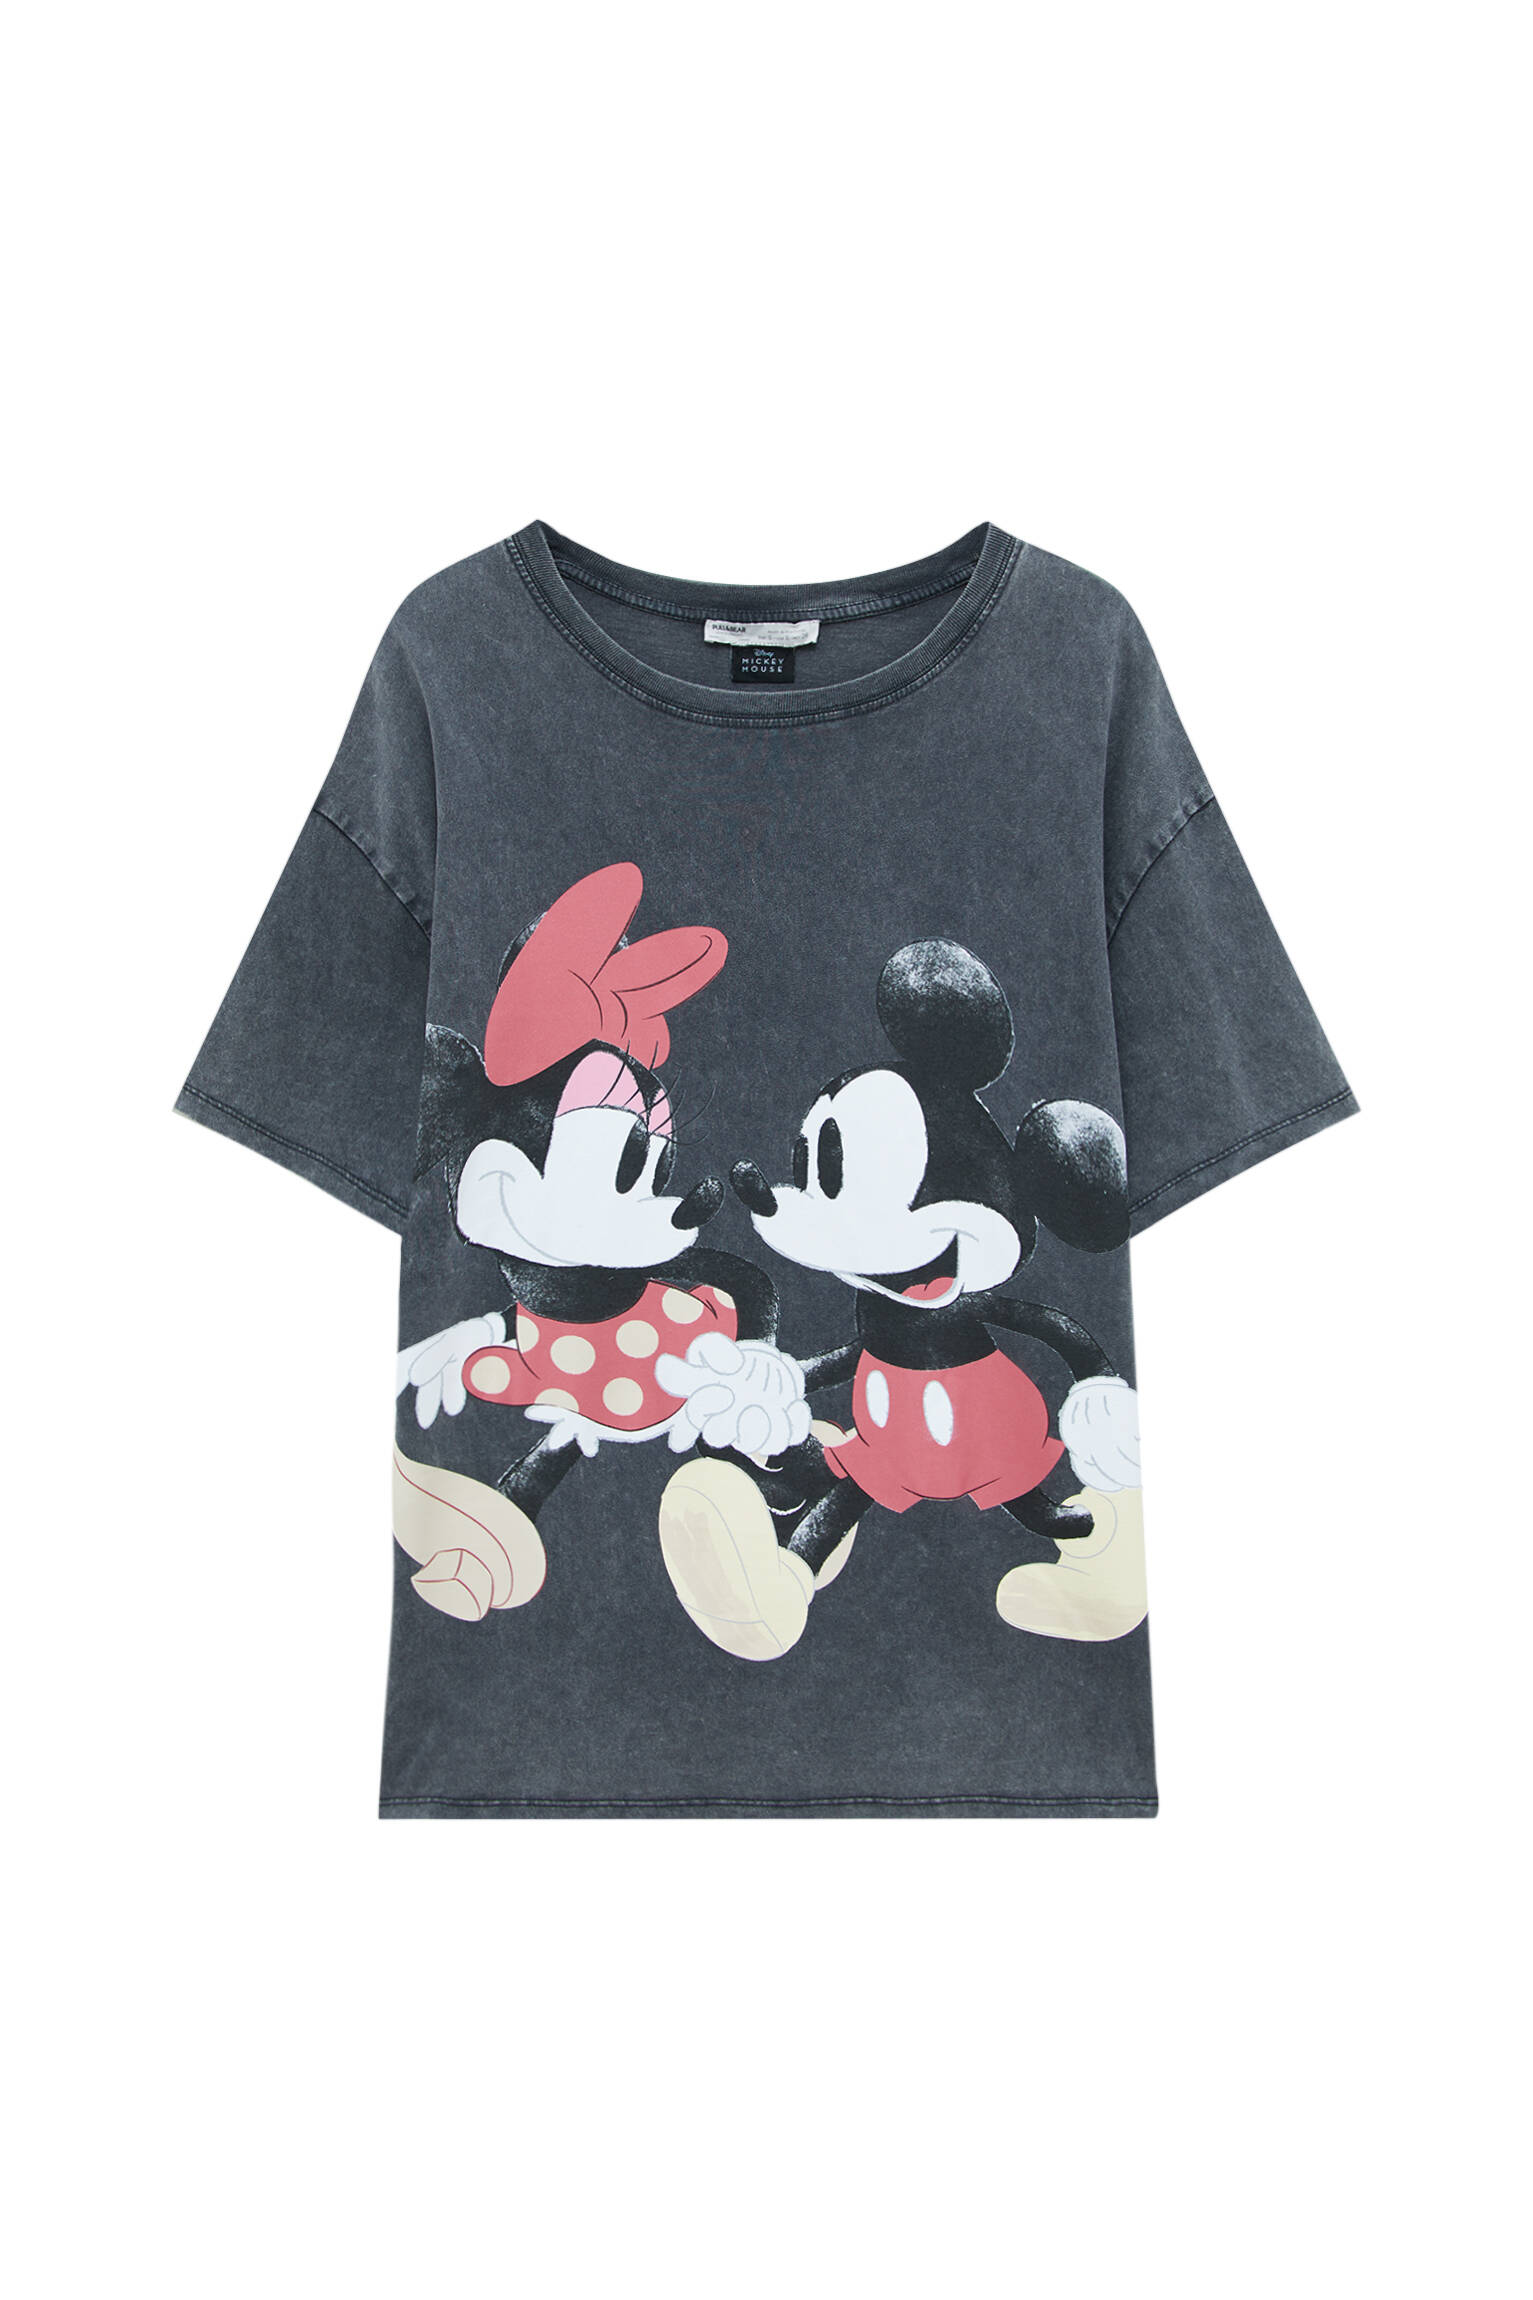 Pull&bear Femme T-shirt Minnie Et Mickey Mouse En Tissu Effet Délavé, à Col Rond Et Manches Courtes.